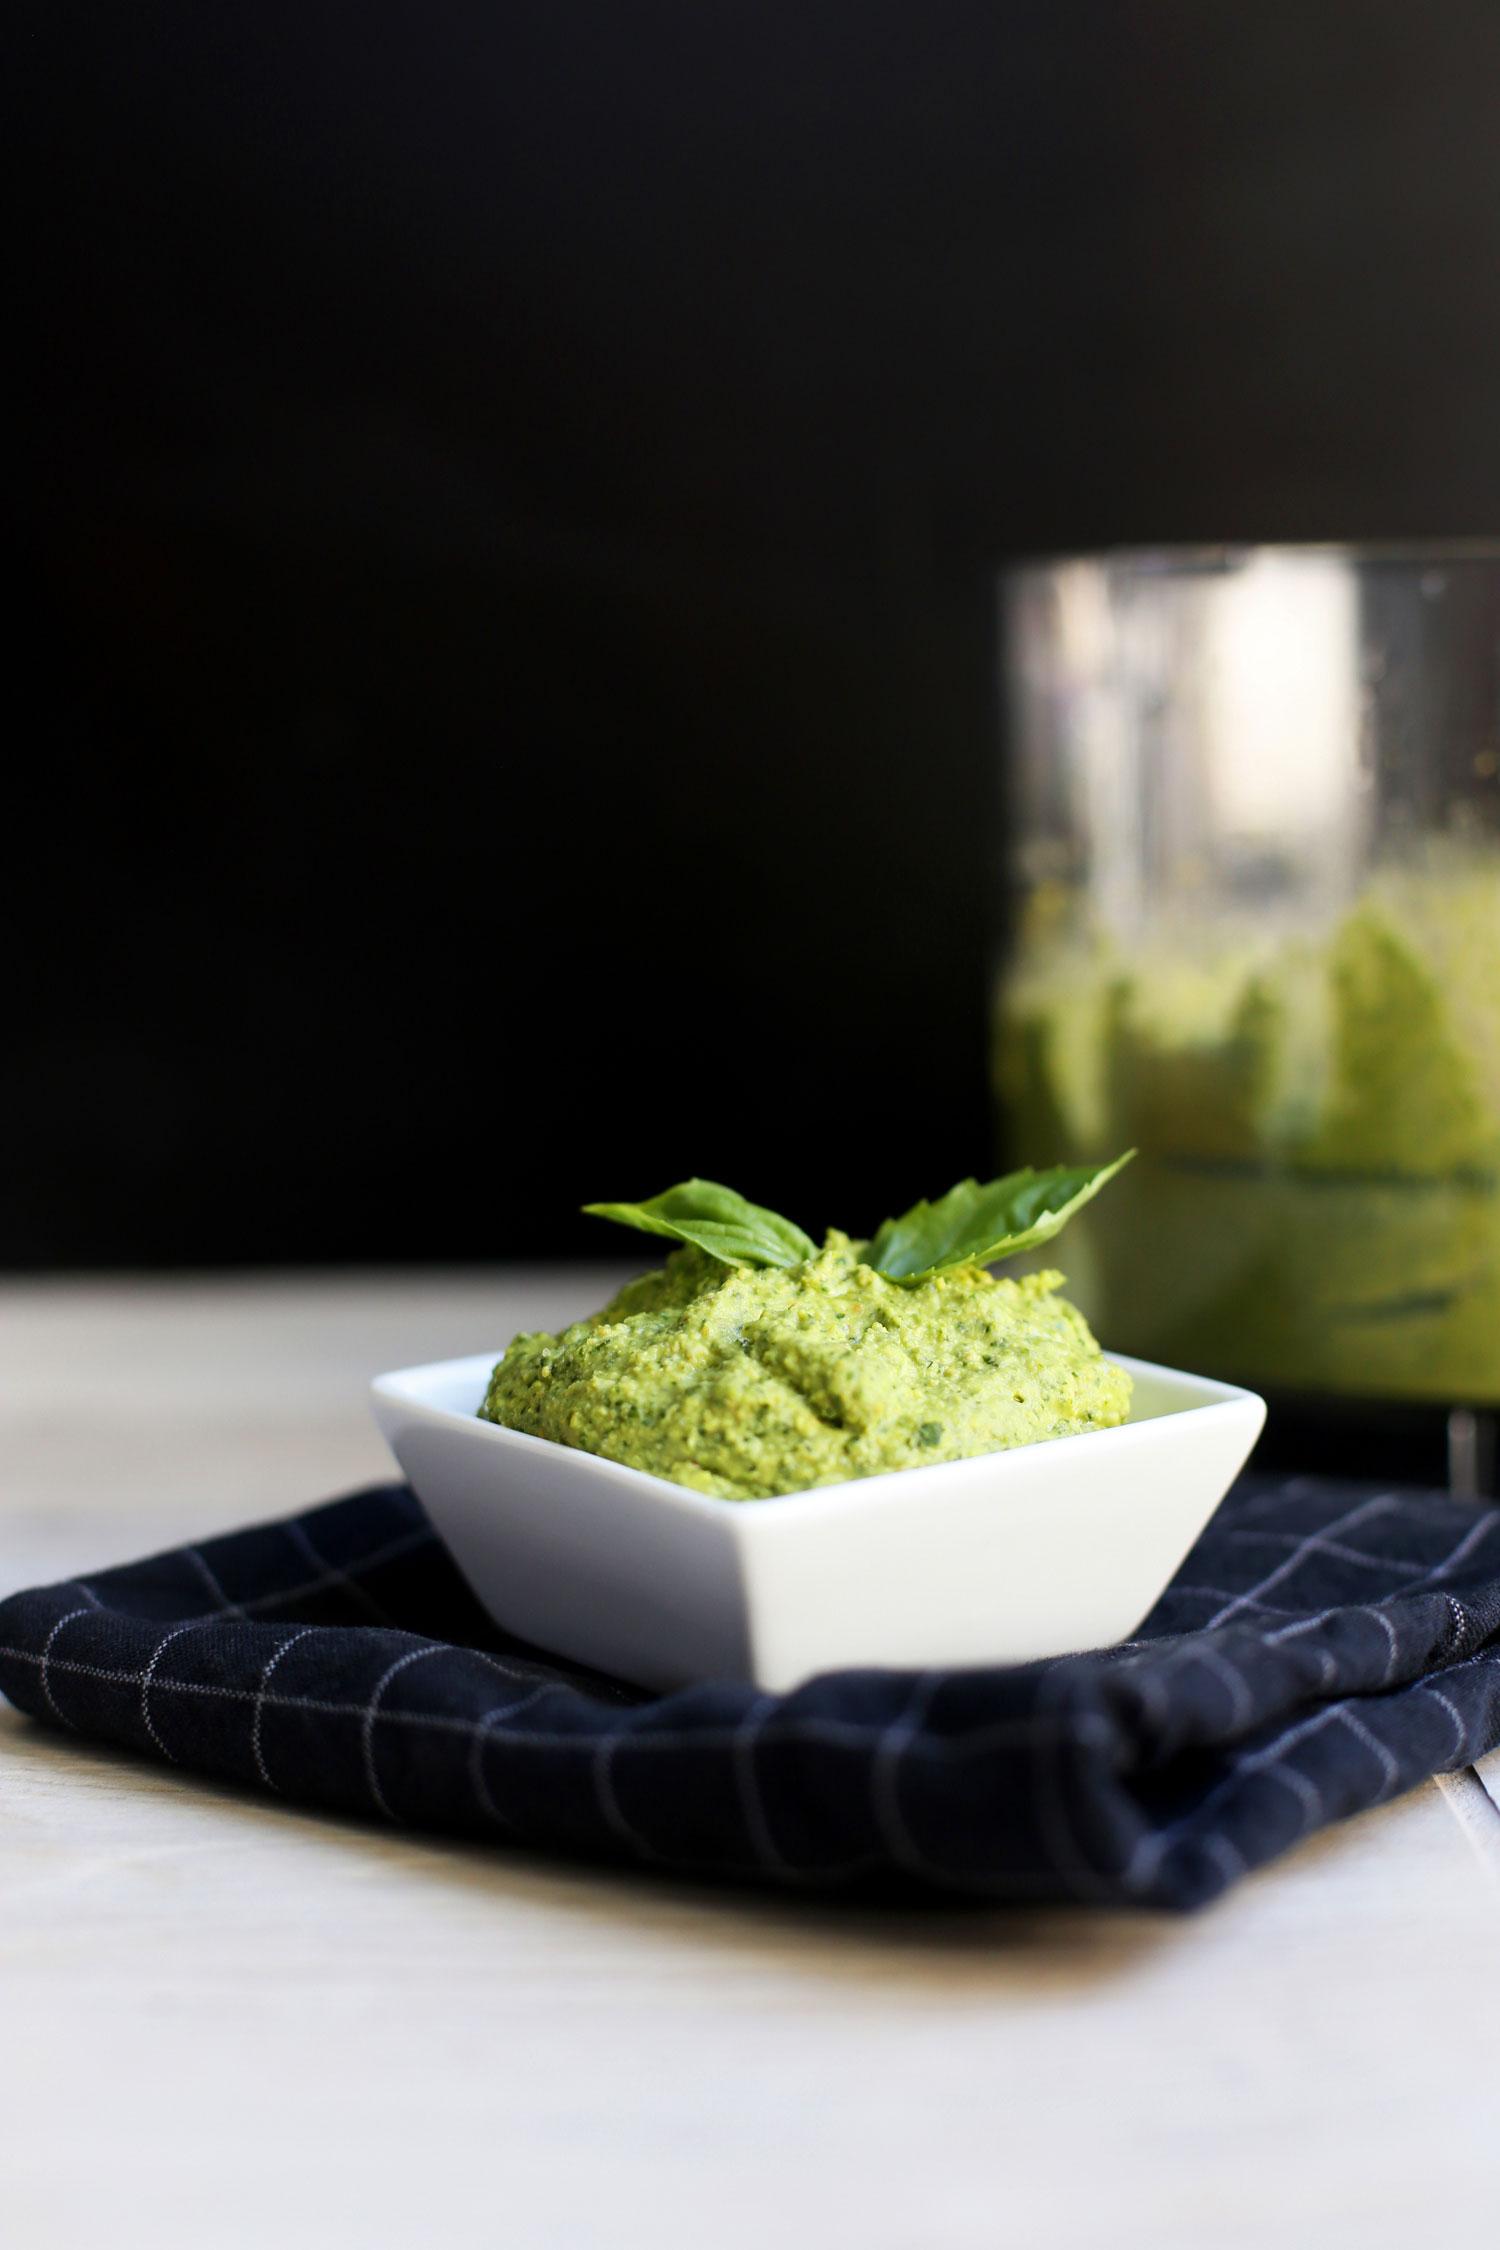 recipe for basil hummus